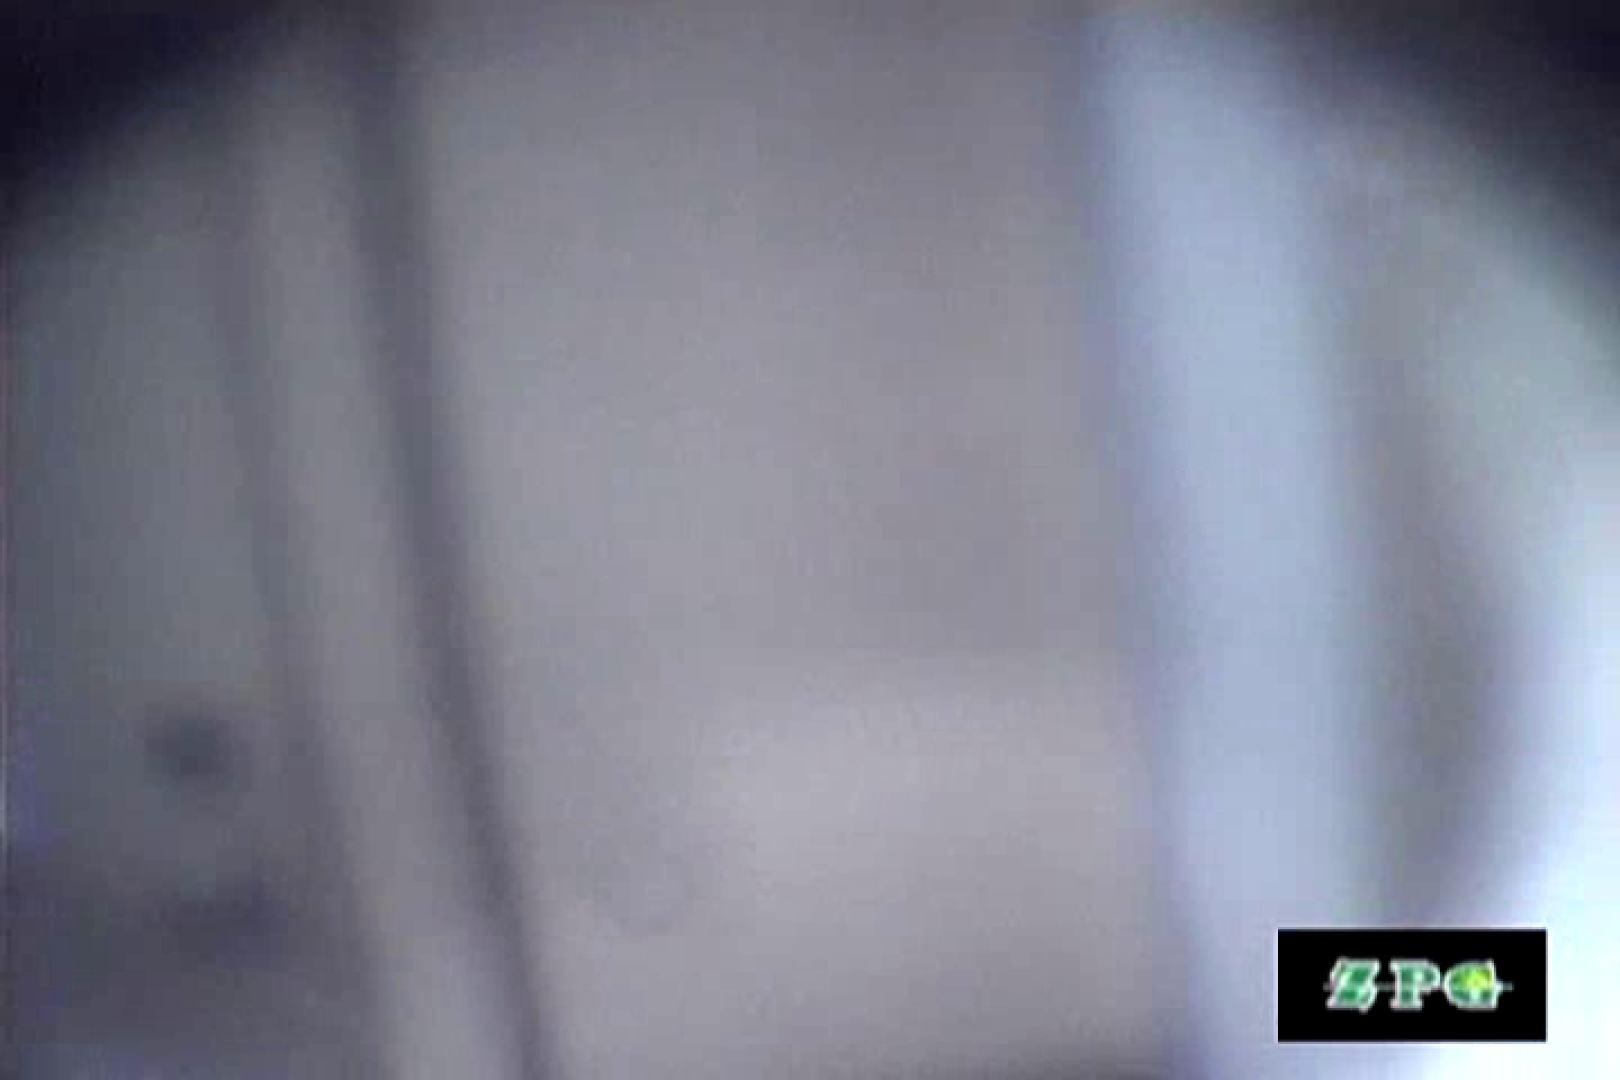 真夏のビーチ!!和式洗面所の穴rba01 和式 われめAV動画紹介 101pic 59